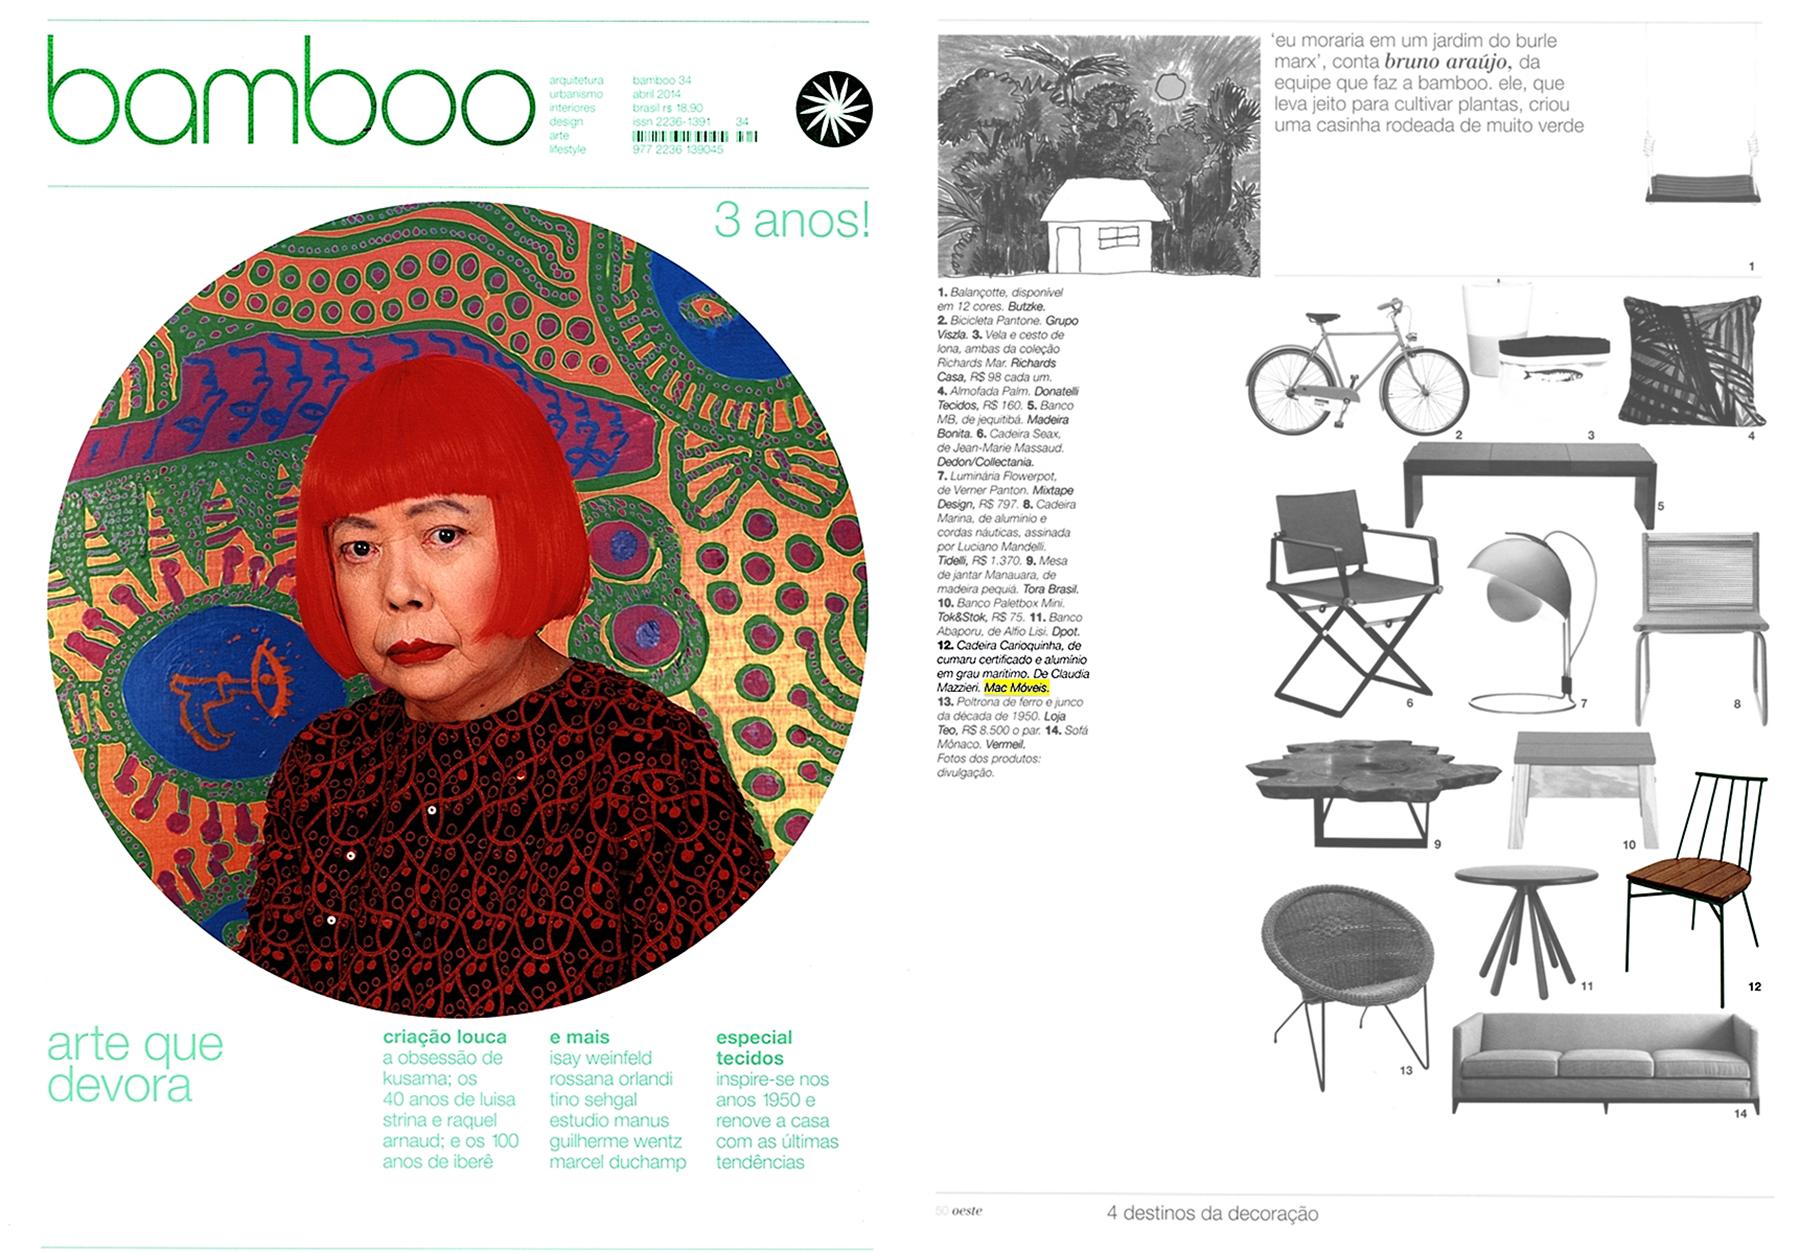 bamboo nº 34 - April 2014